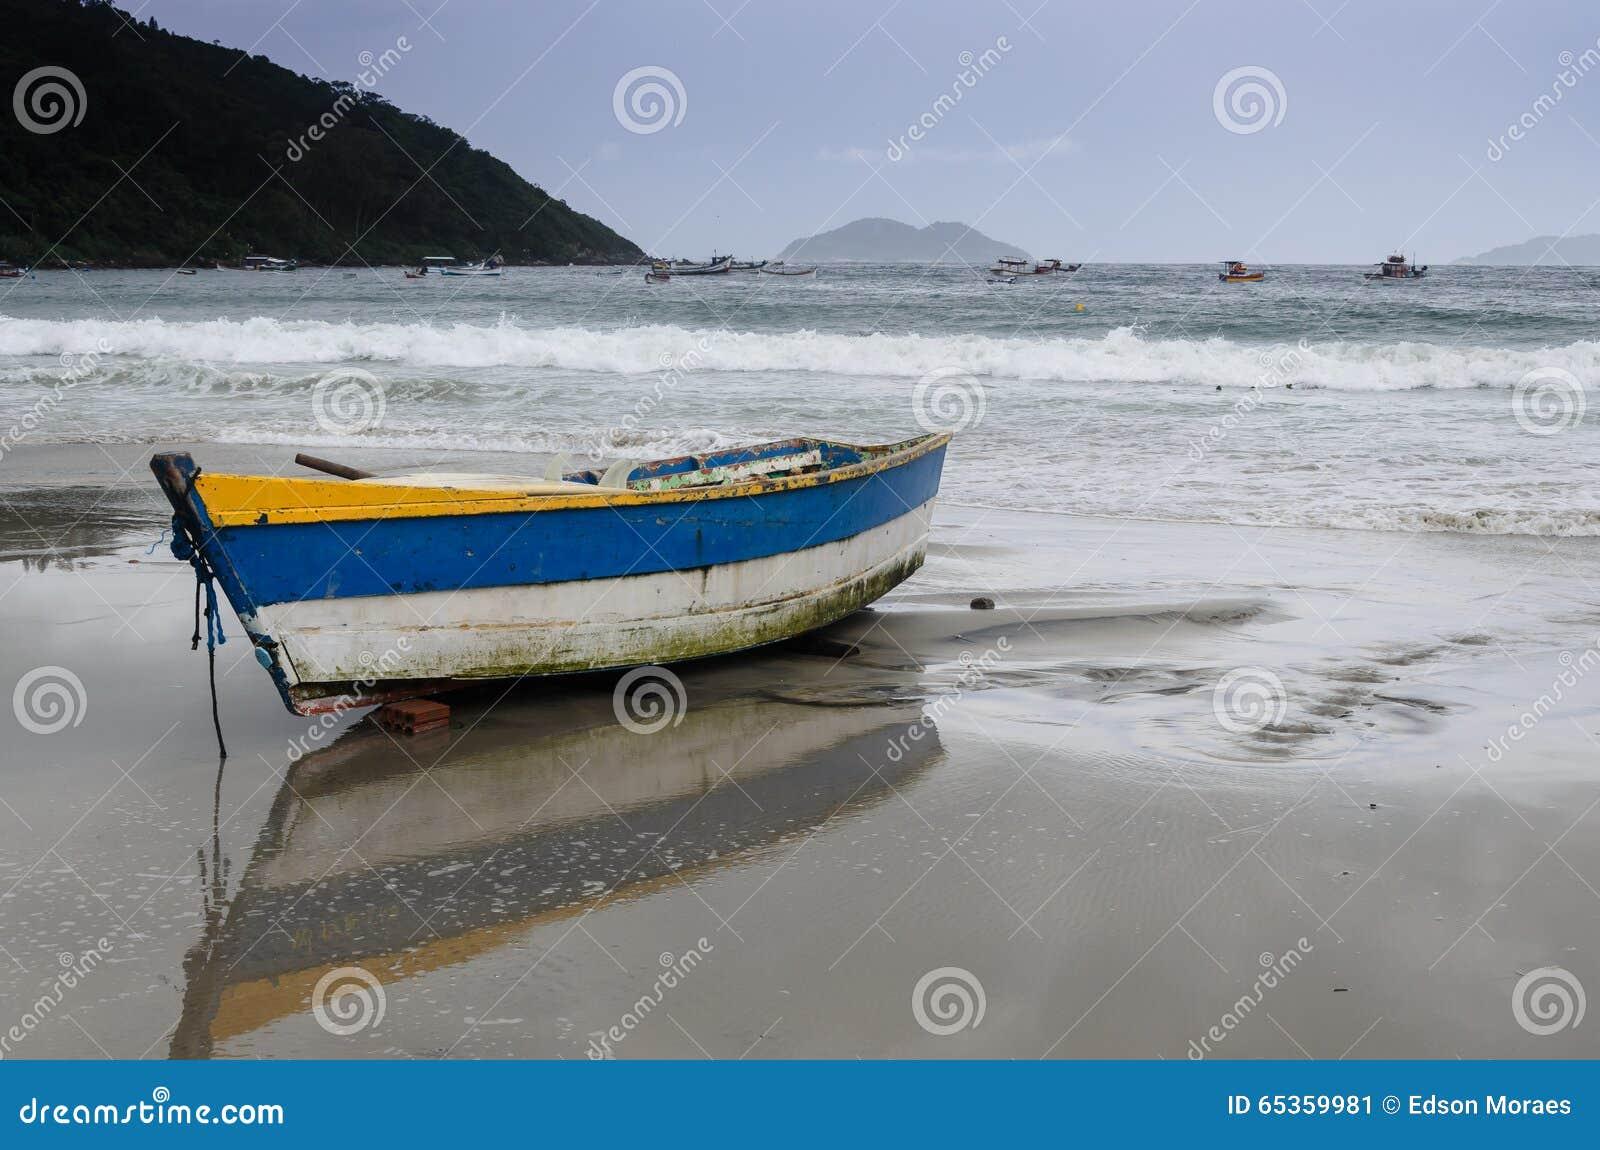 Fishing Boat Stock Photo - Image: 65359981